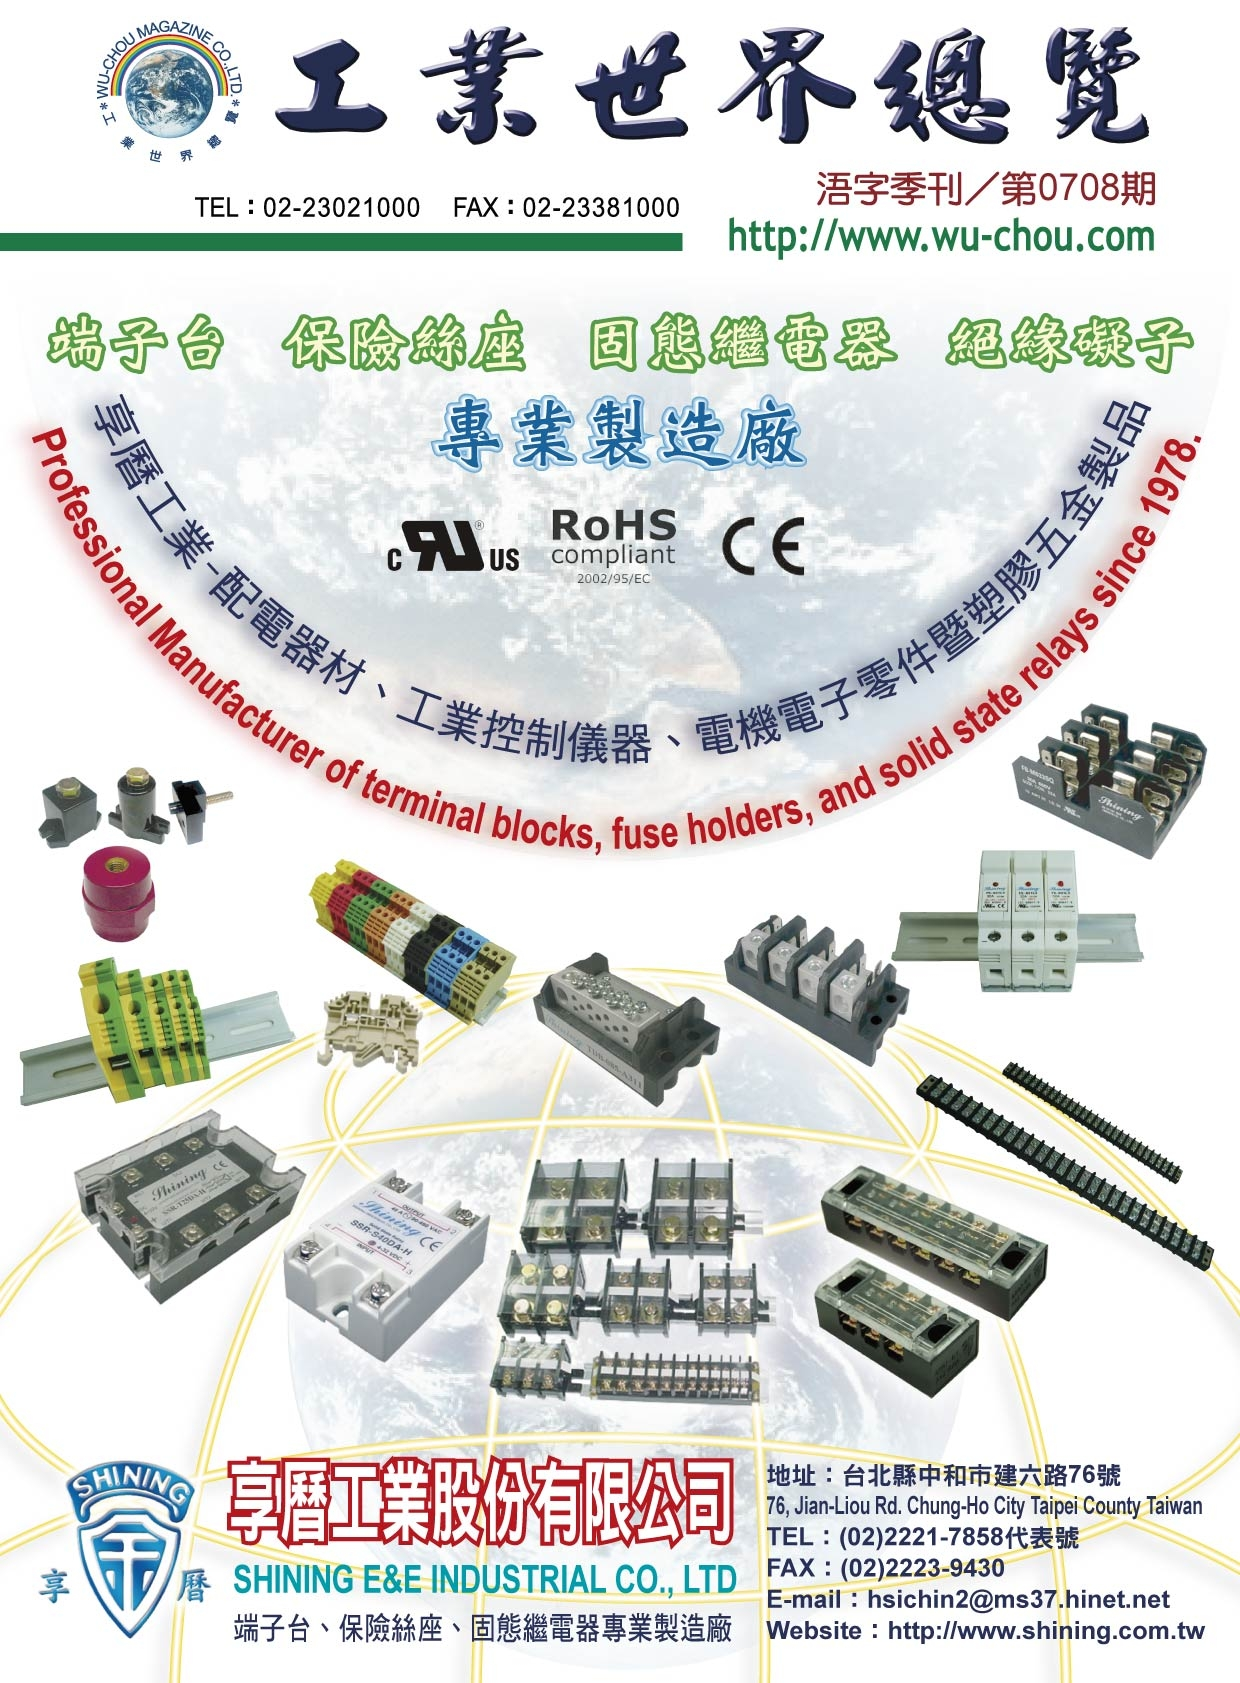 享曆工業專業生產製造各式固態繼電器